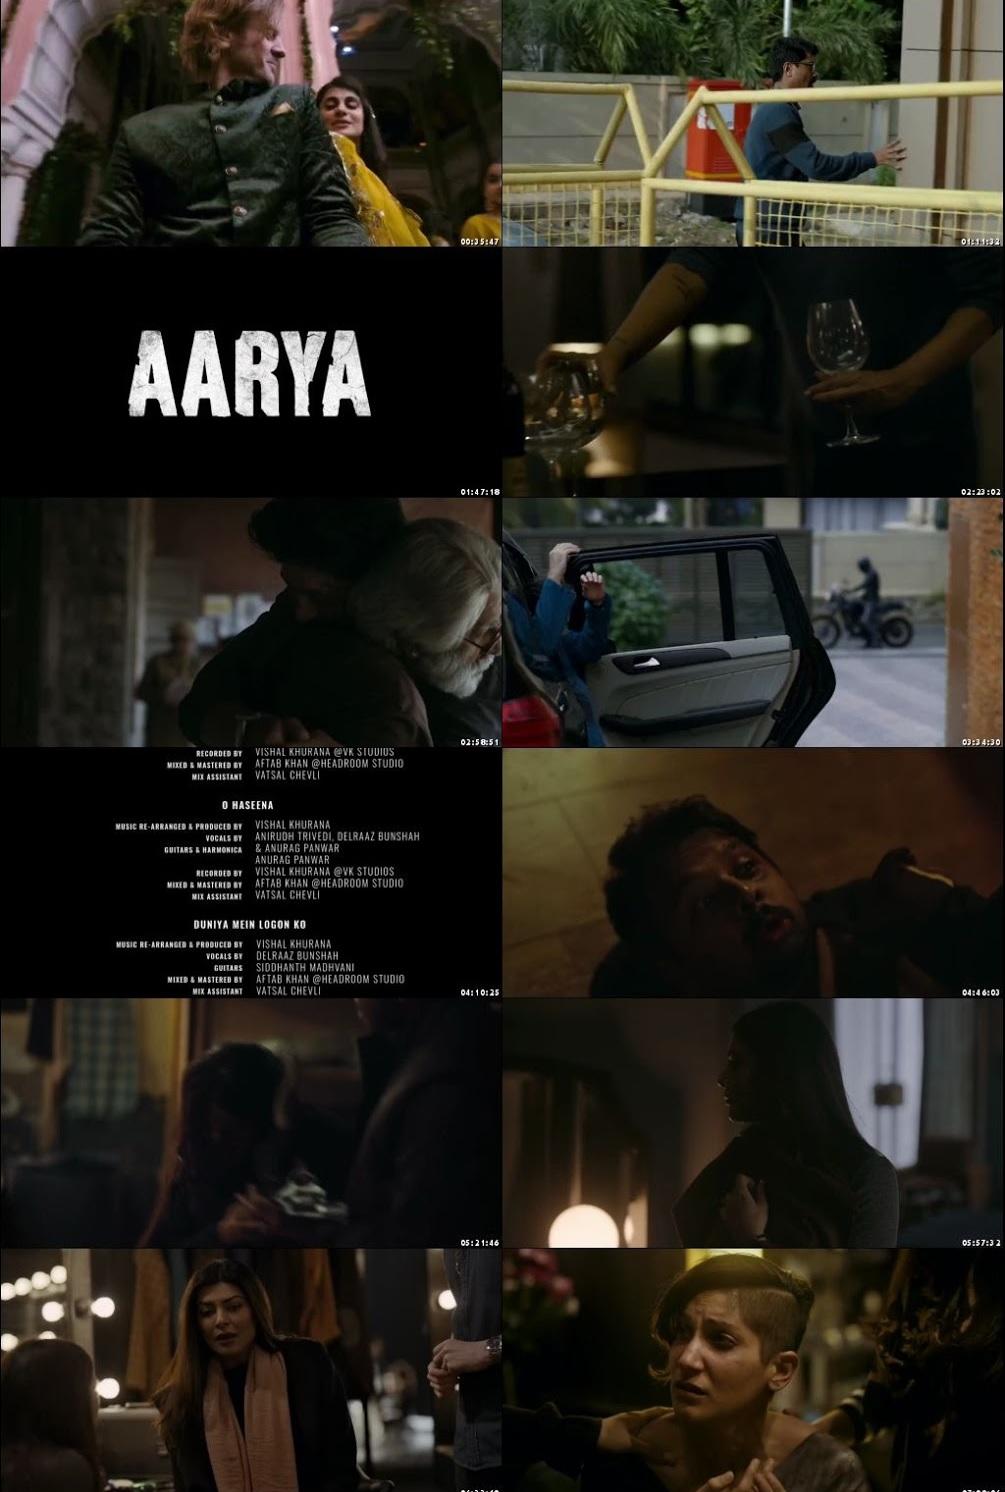 Aarya 2020 Complete S01